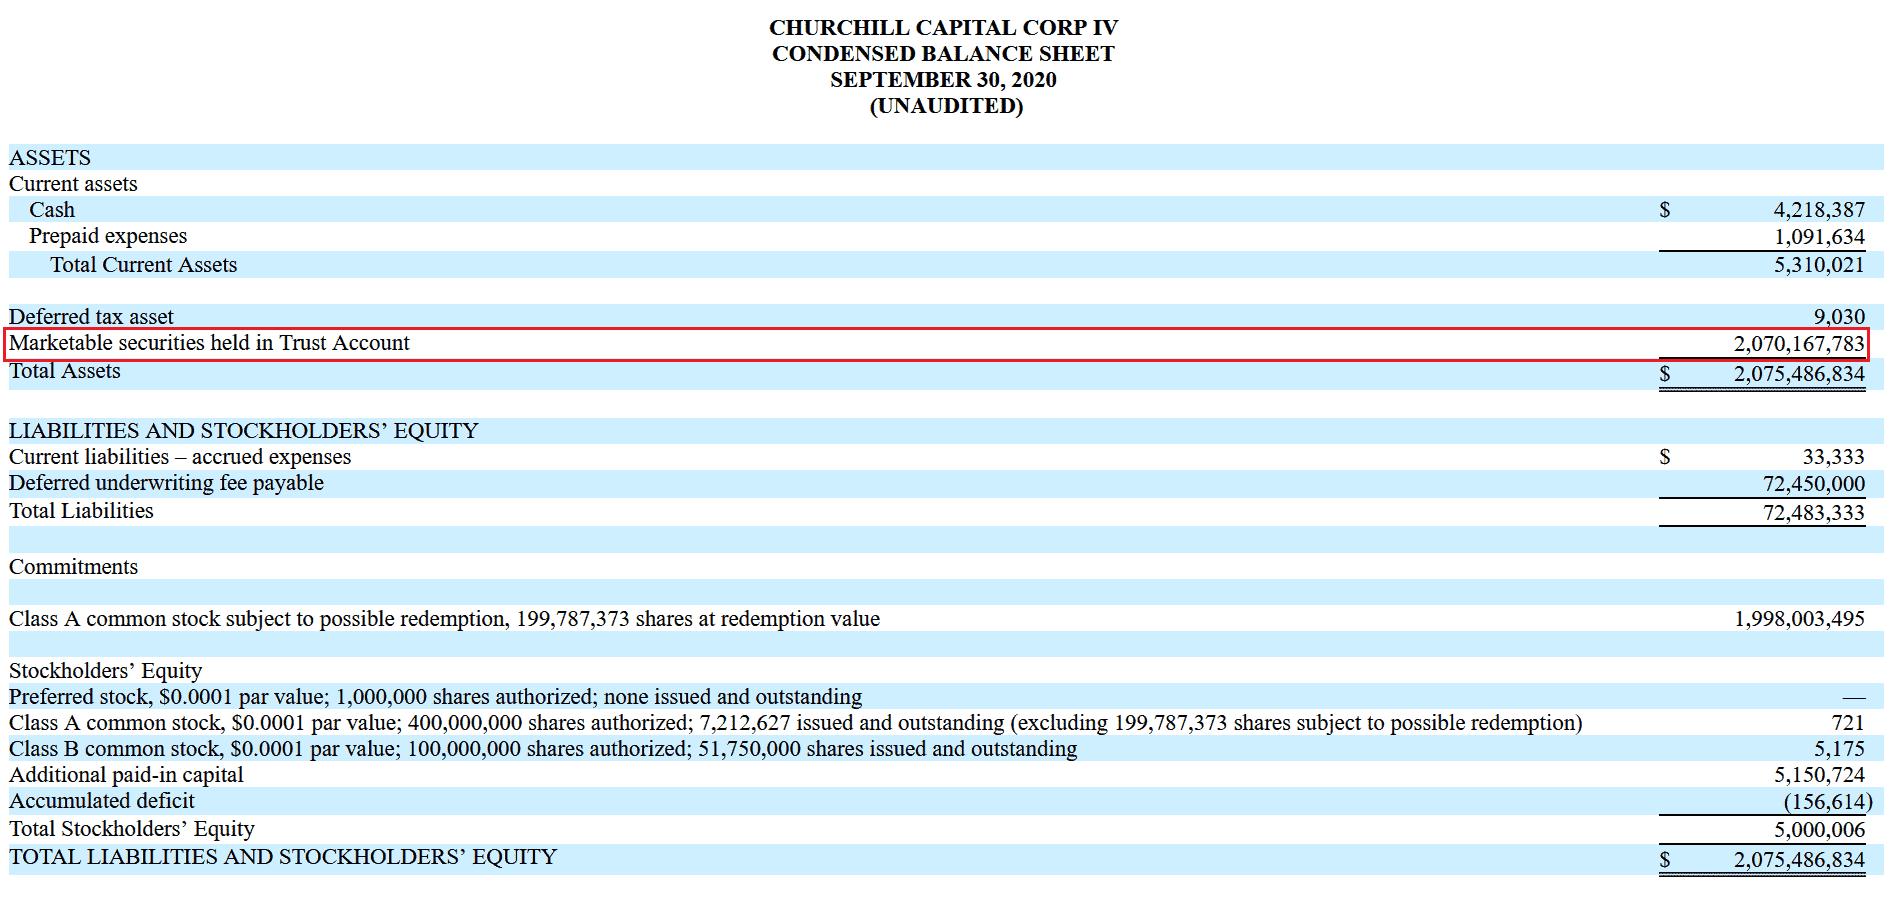 CHURCHILL CAPITAL CORP IV Bilanz zum 30. September 2020